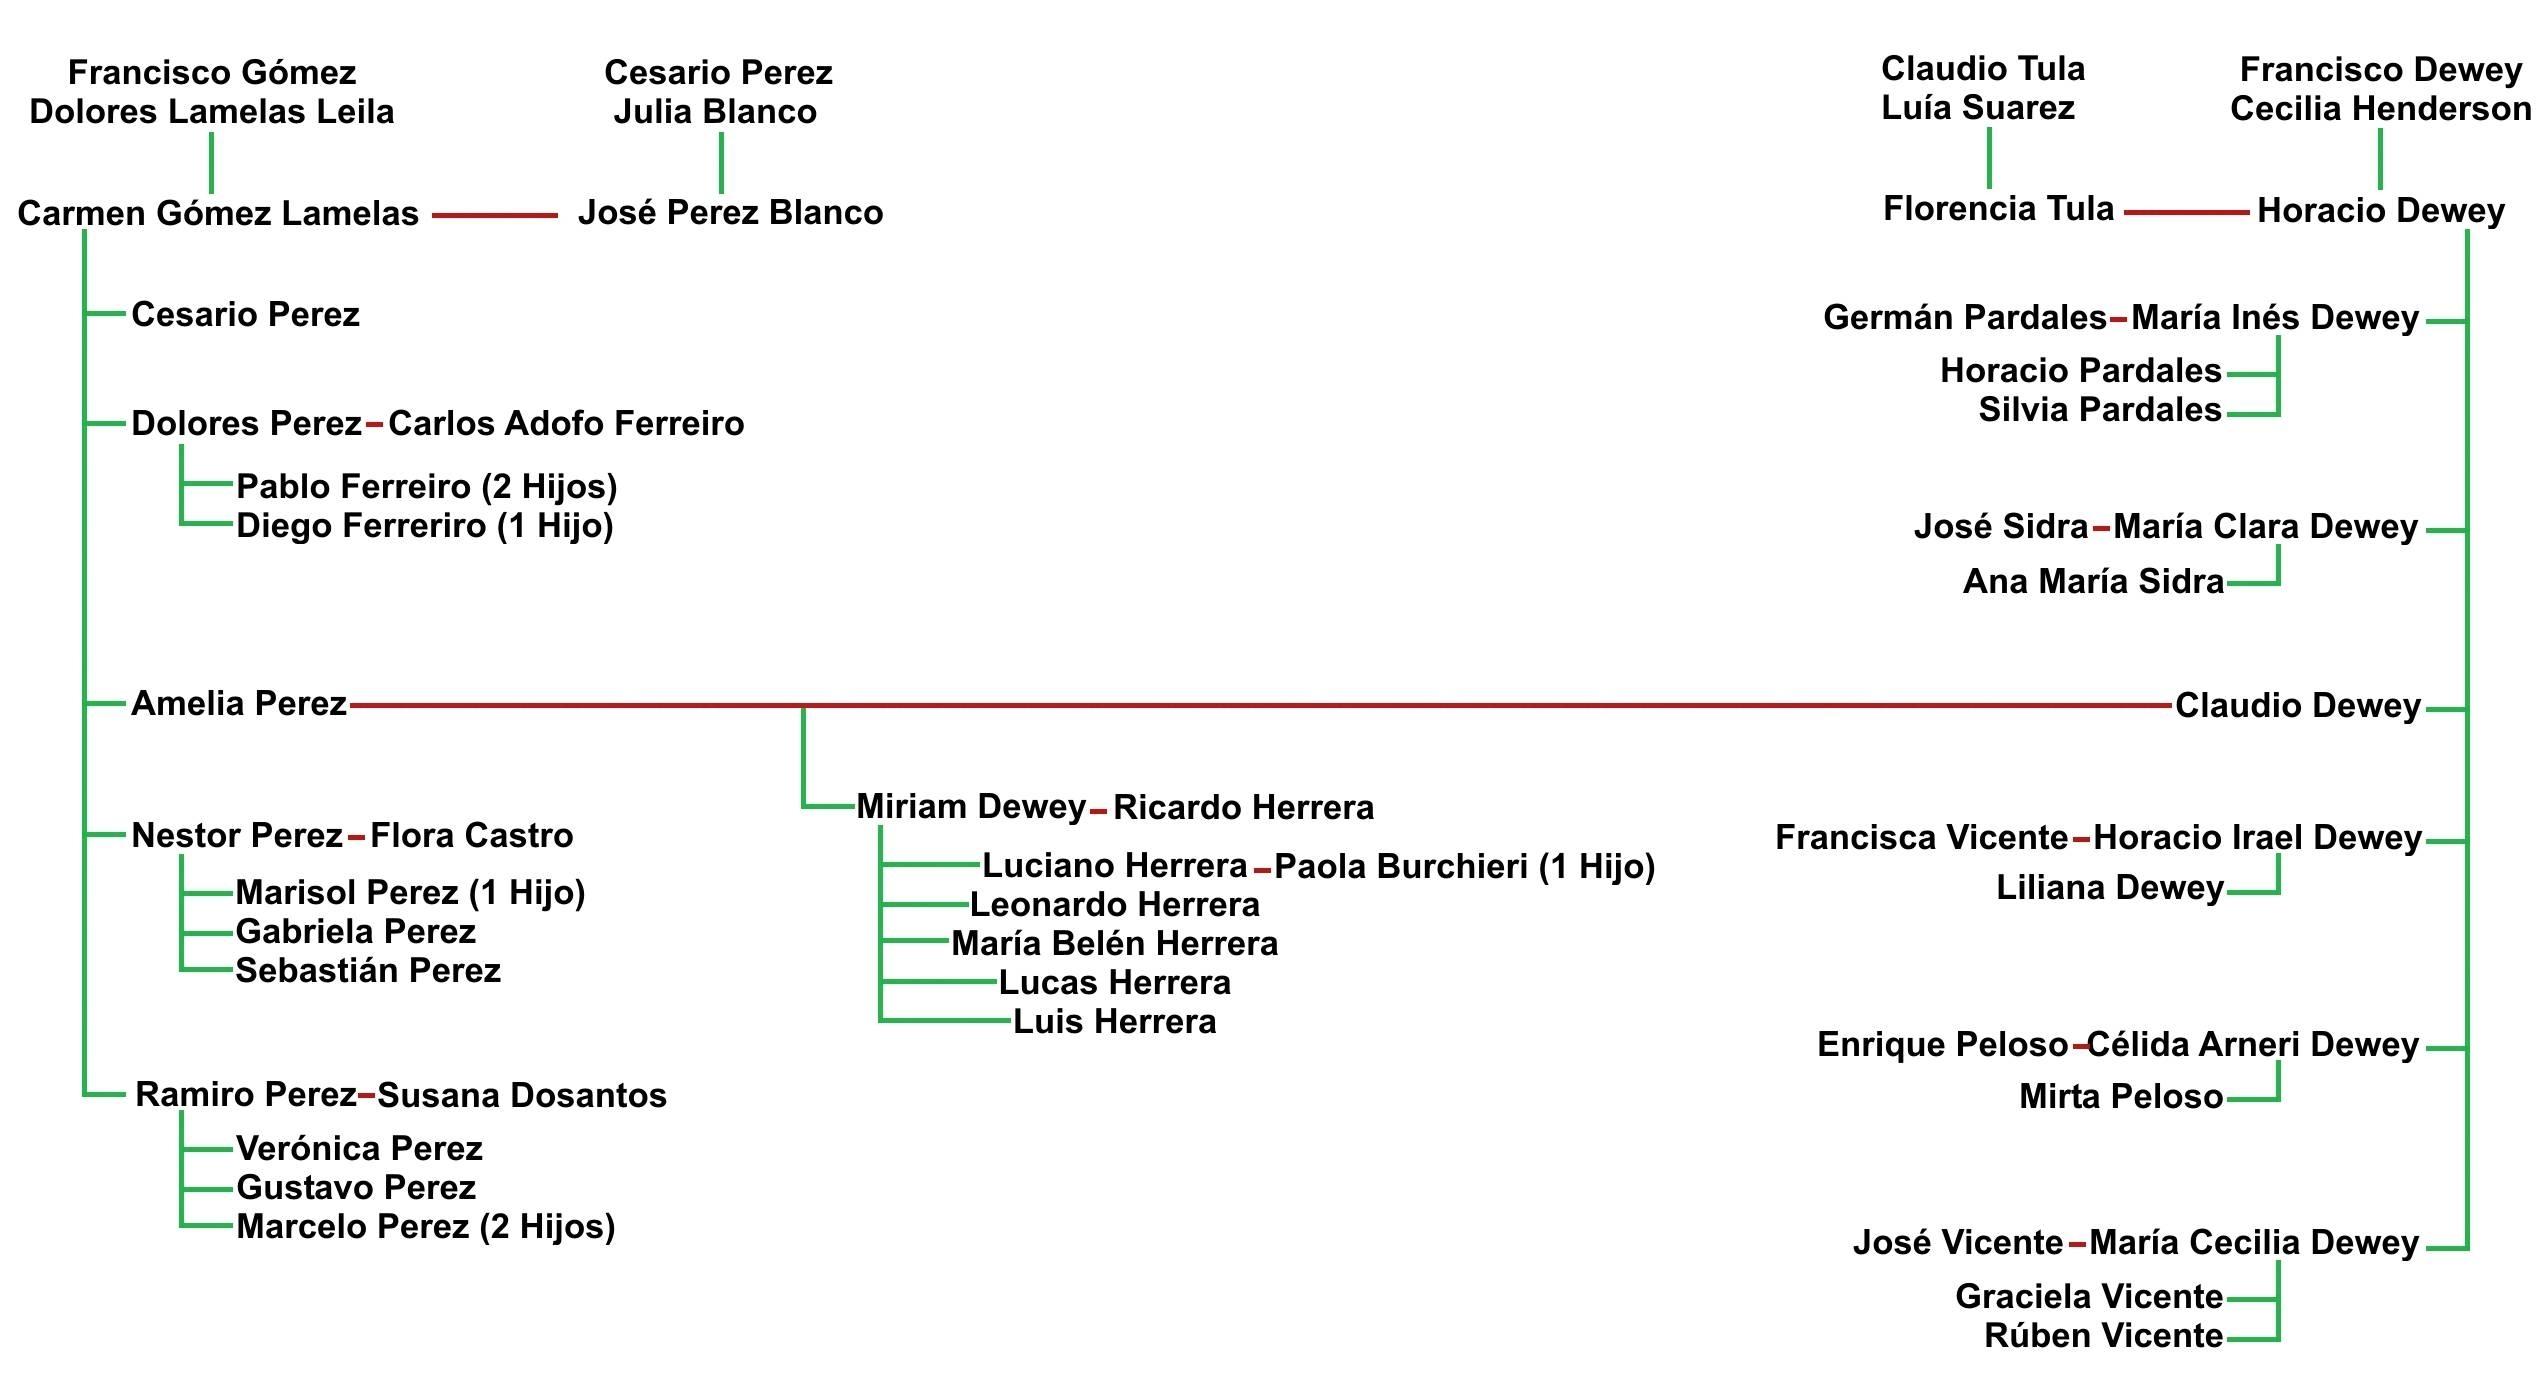 Utilisima bien simple arbol genealogico clemente - Utilisima bien simple ...